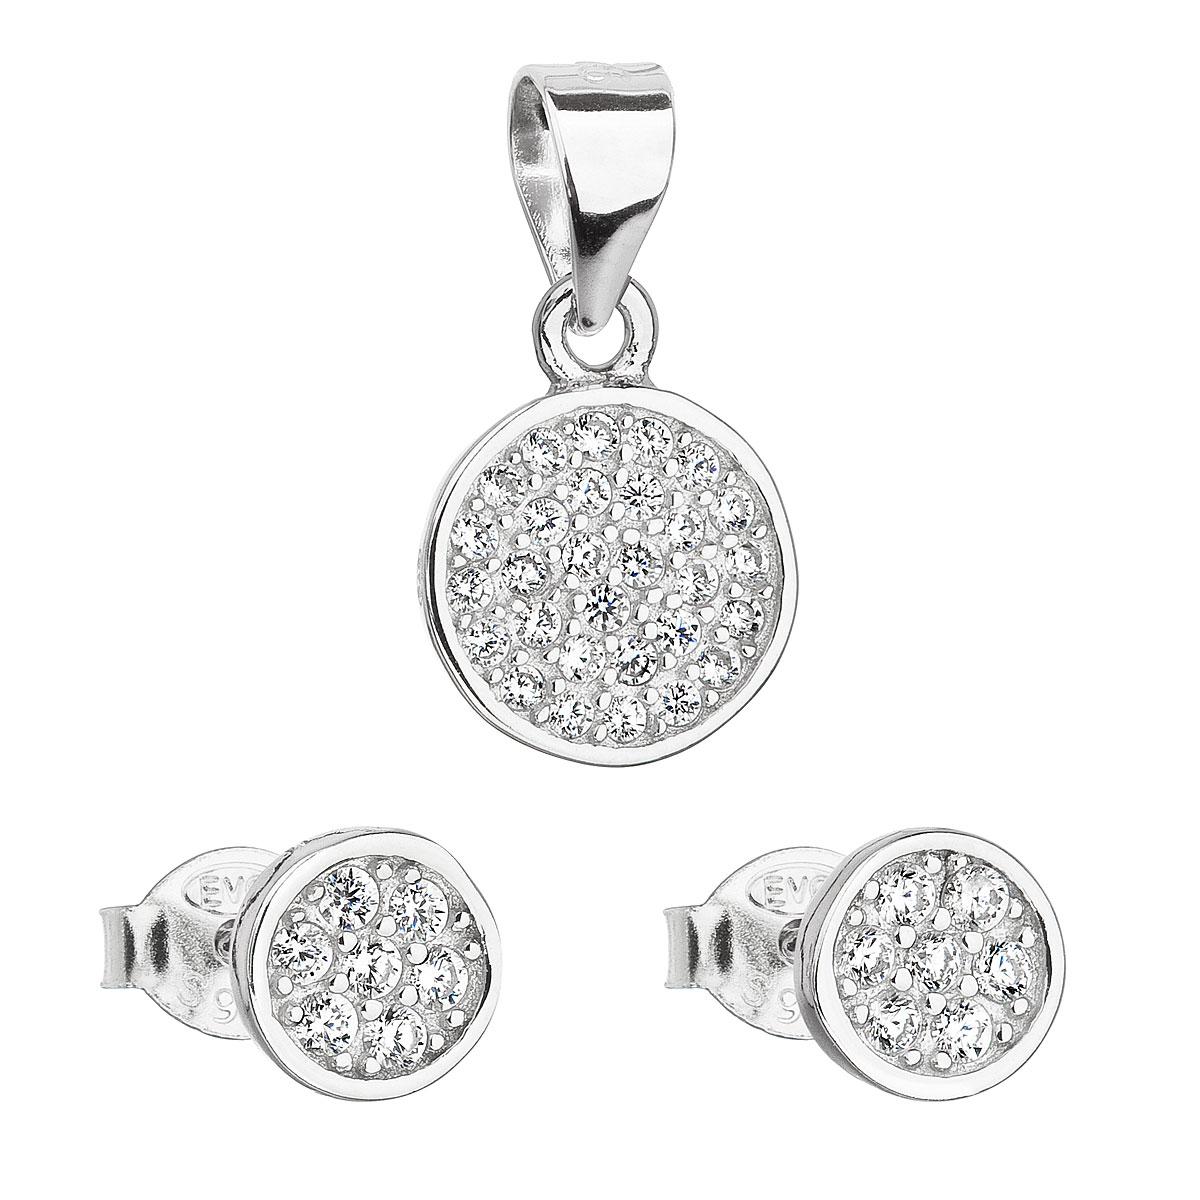 Sada šperkov so zirkónom v bielej farbe náušnice a prívesok 19020.1